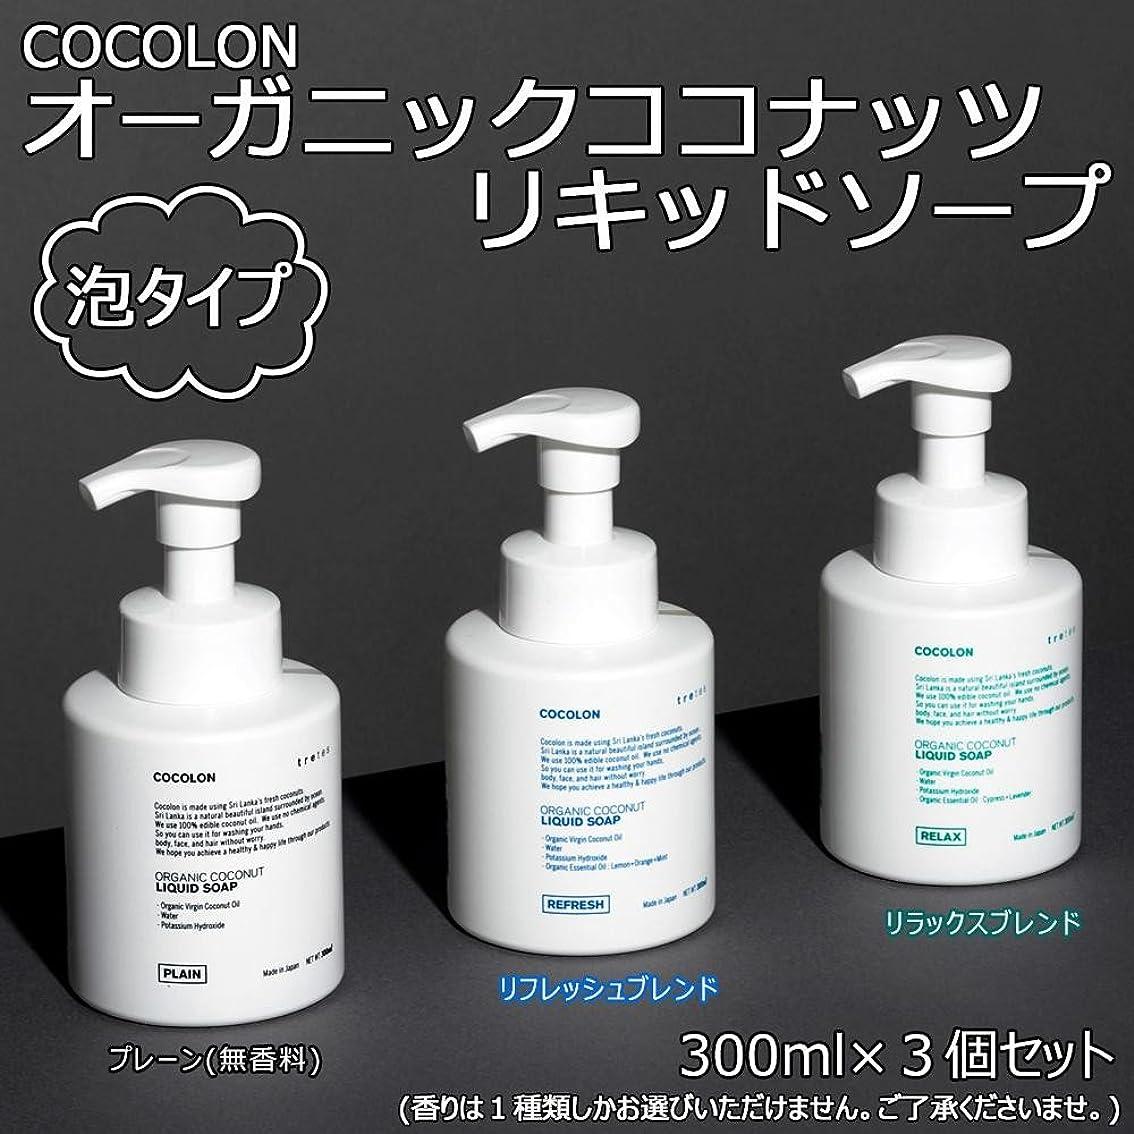 ボーカルクラシック右COCOLON ココロン オーガニックココナッツリキッドソープ 泡タイプ 300ml 3個セット リフレッシュブレンド